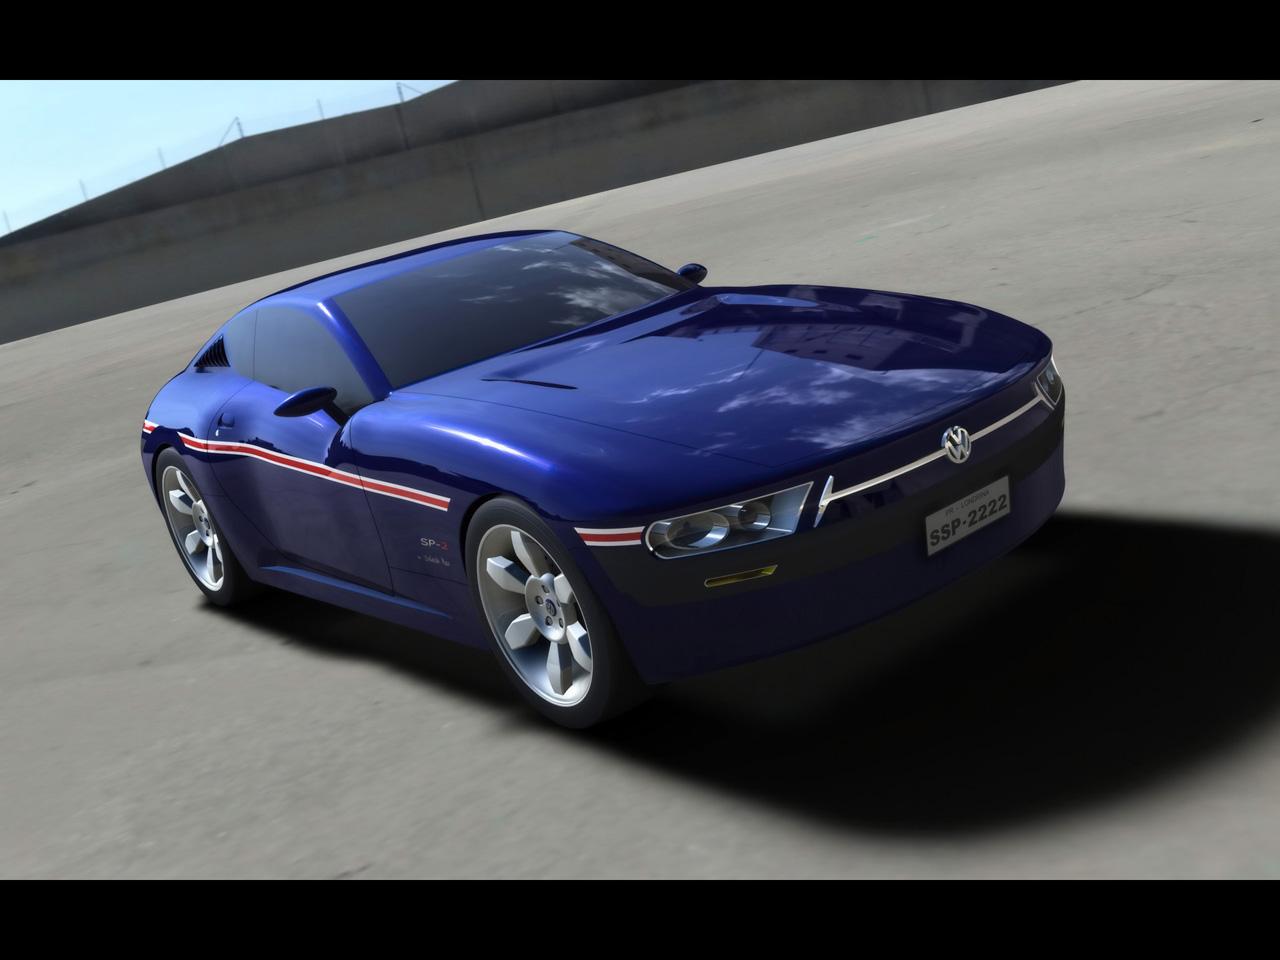 http://2.bp.blogspot.com/-Xg9cr2m3yGw/TilaRUHdJMI/AAAAAAAAIYs/4UXAf1qu3l0/s1600/Volkswagen+SP-2+Concept+Car+Wallpapers+1.jpg